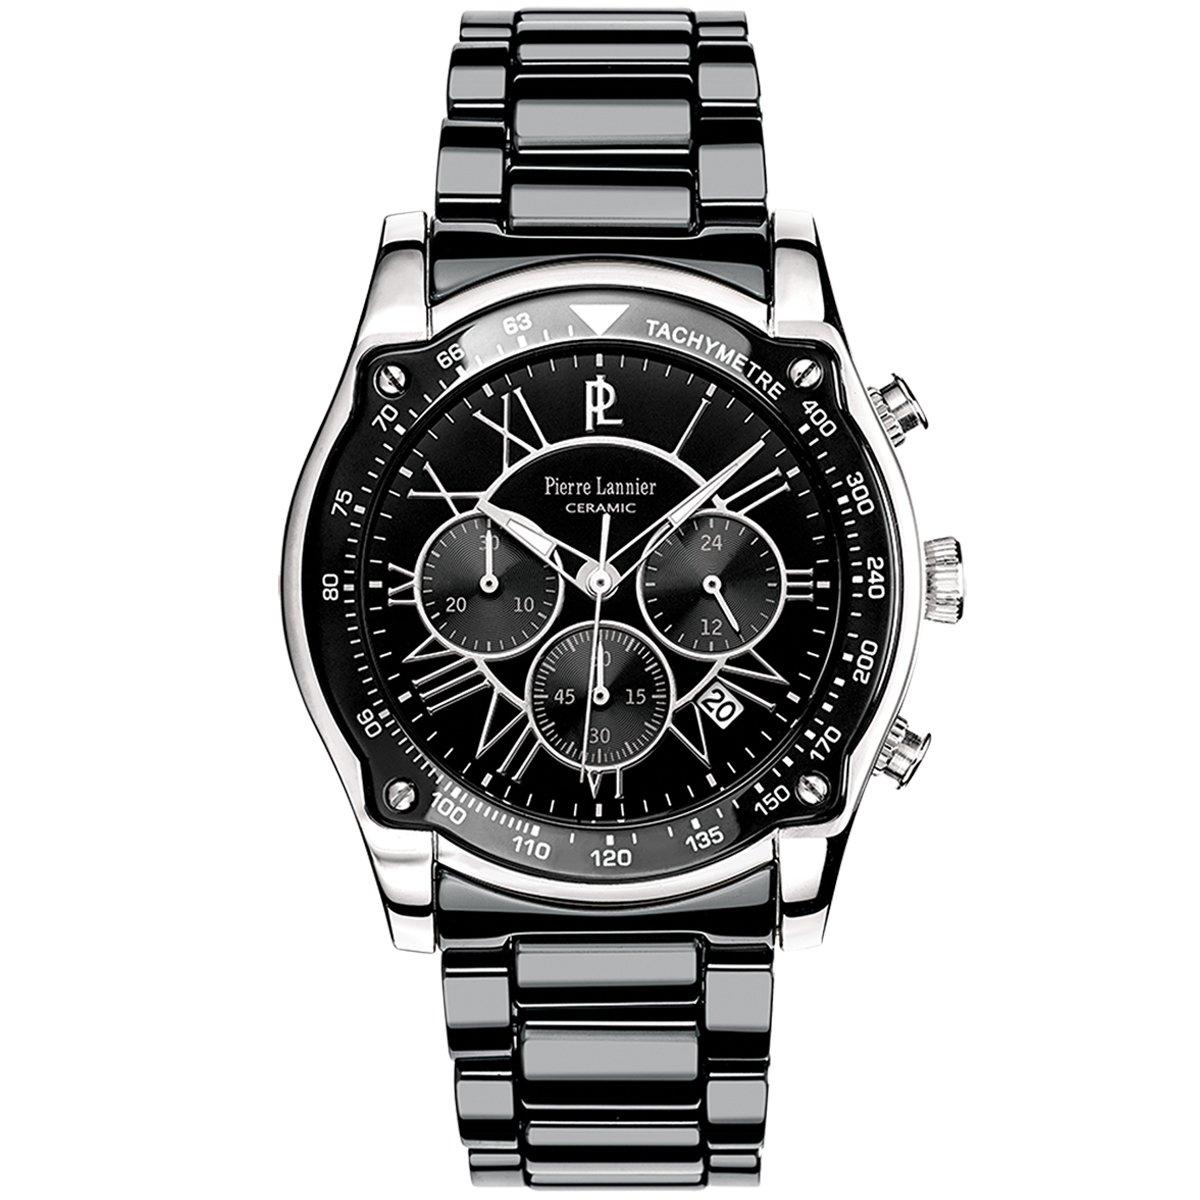 Pierre Lannier - Reloj Analógico de Cuarzo para Hombre, correa de Cerámica color Negro